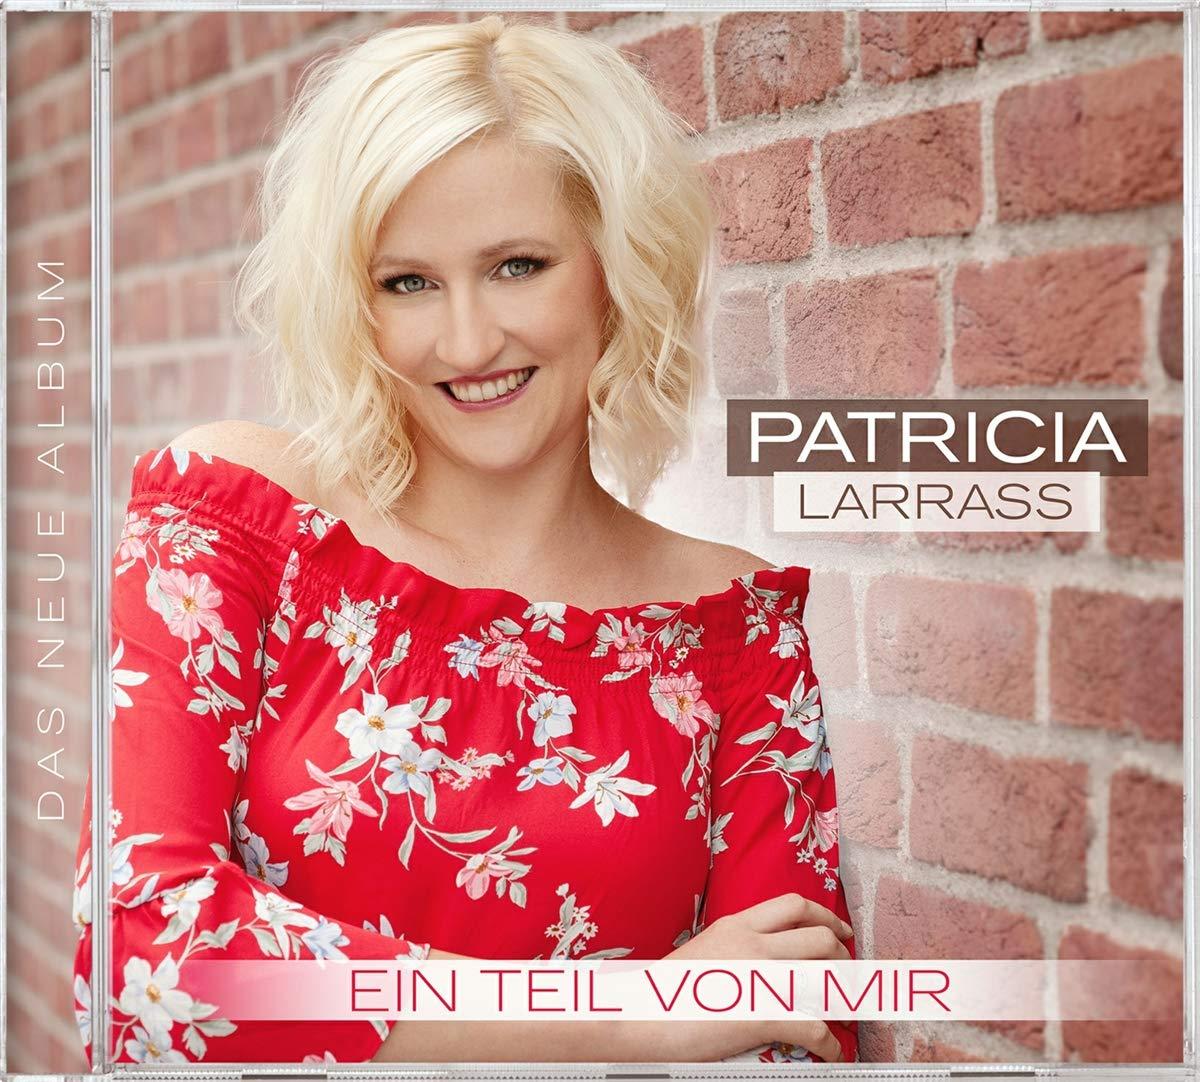 PATRICIA LARRASS * Ein Teil von mir (CD)